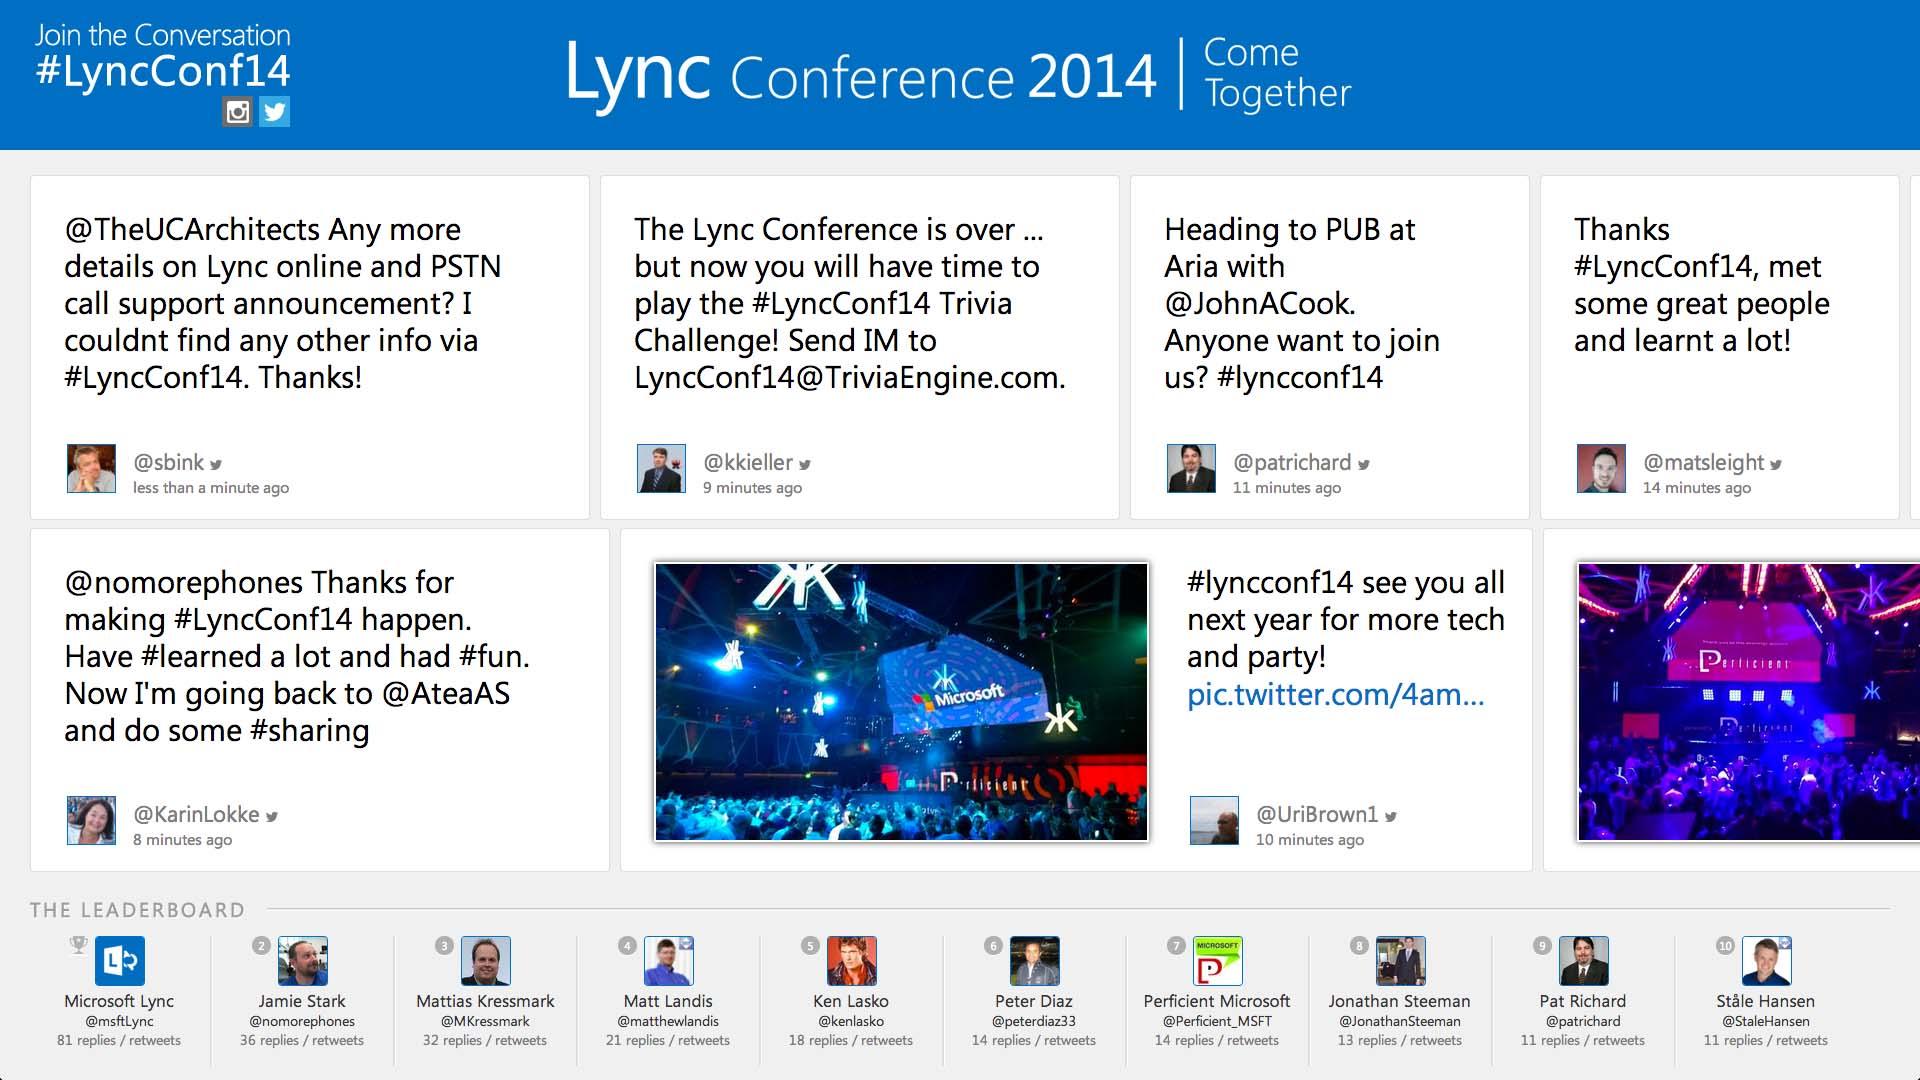 Microsoft Lync Social Wall